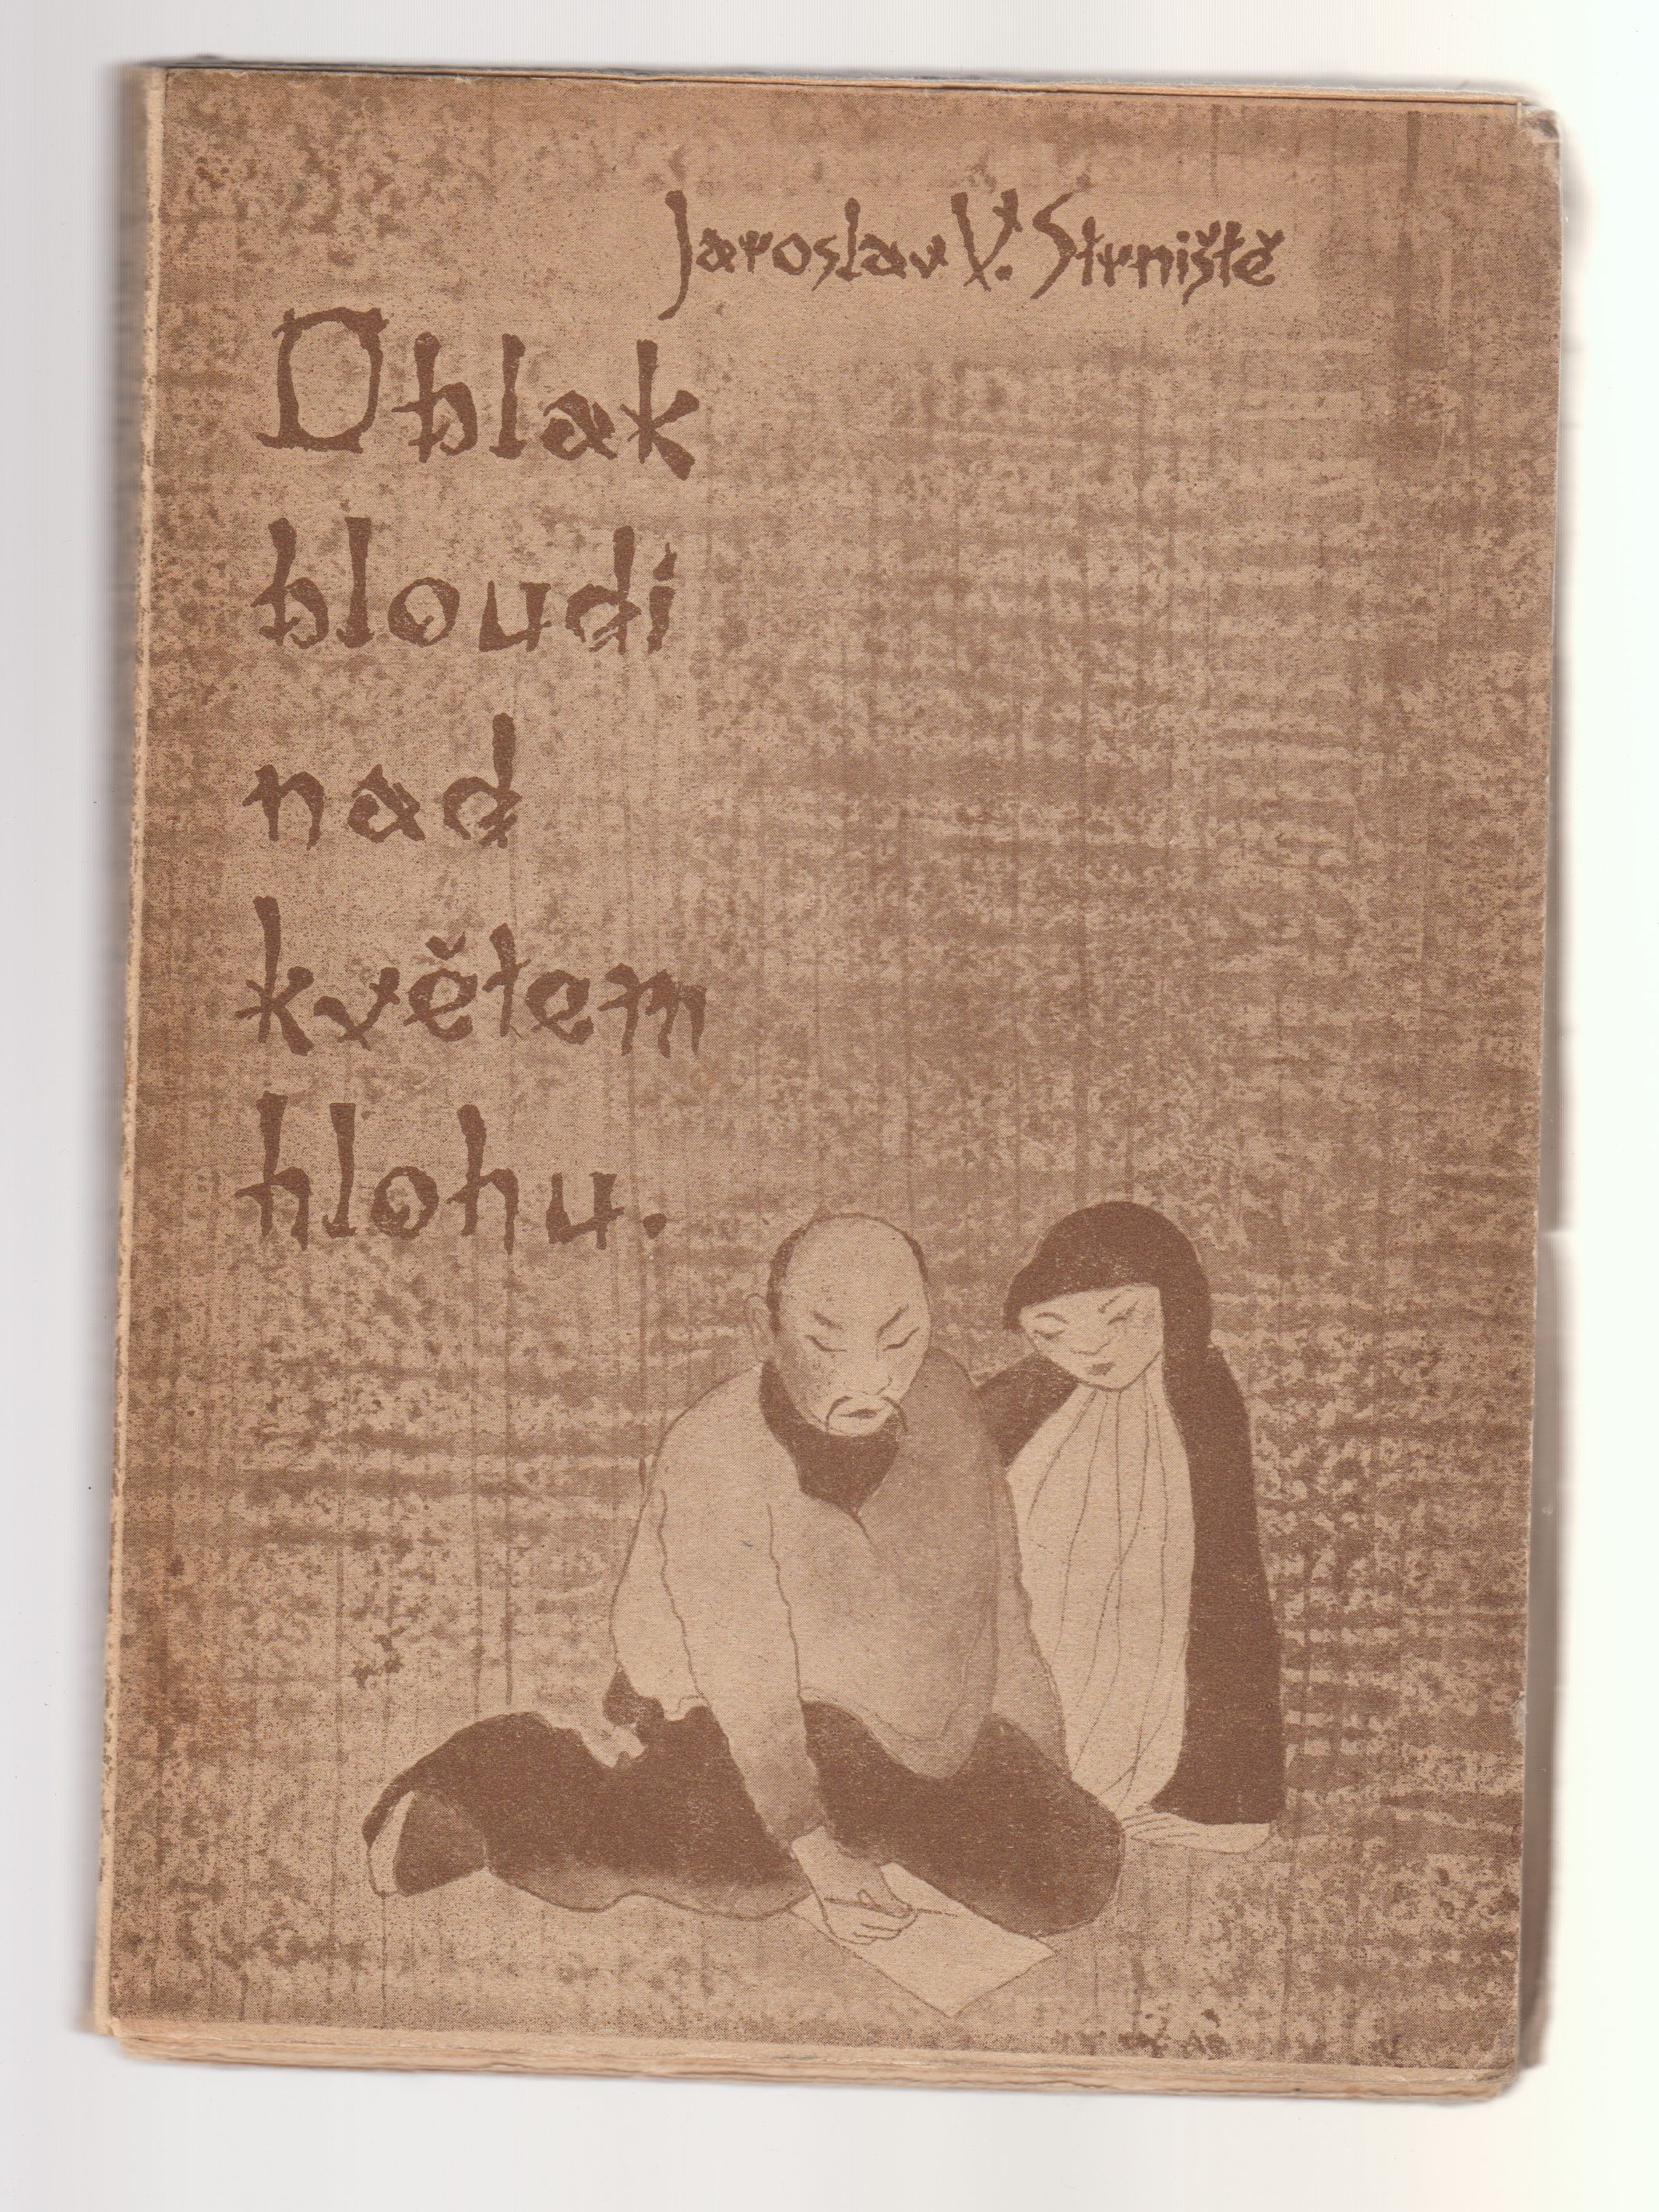 Oblak bloudí nad květem hlohu - Jaroslav V. Strniště